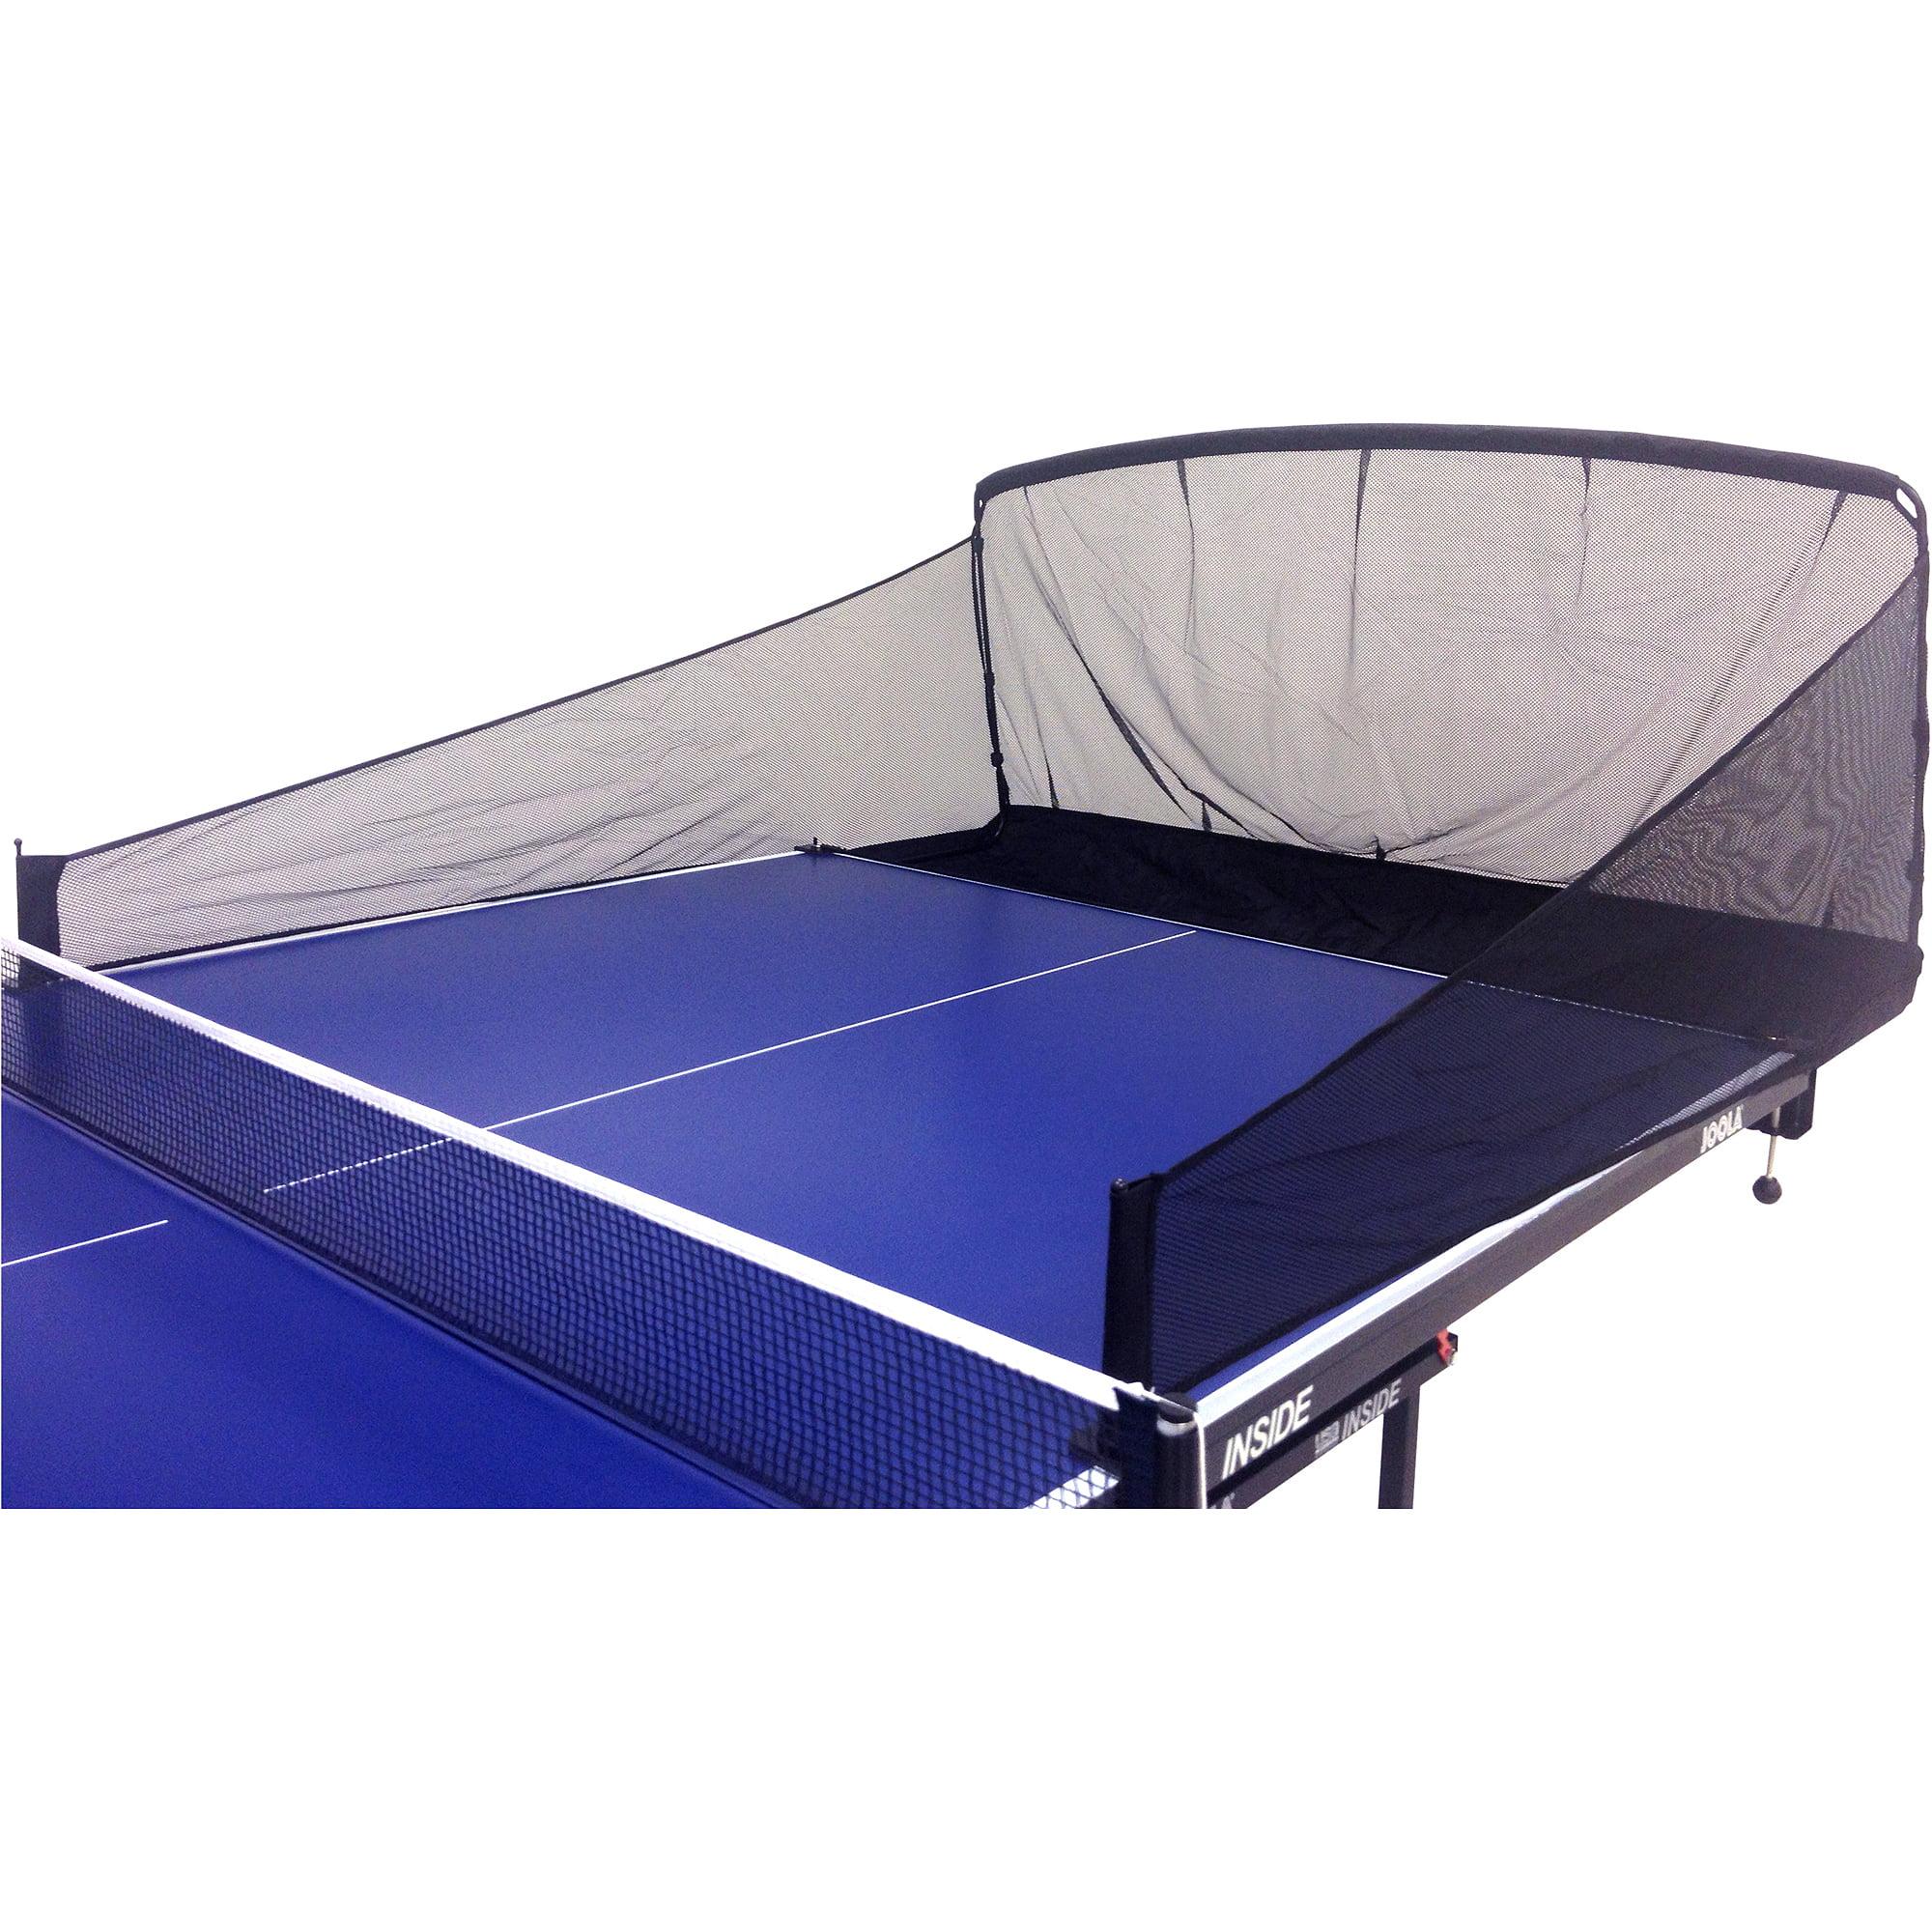 Ipong Carbon Fiber Table Tennis Ball Catch Net Black Walmart Com